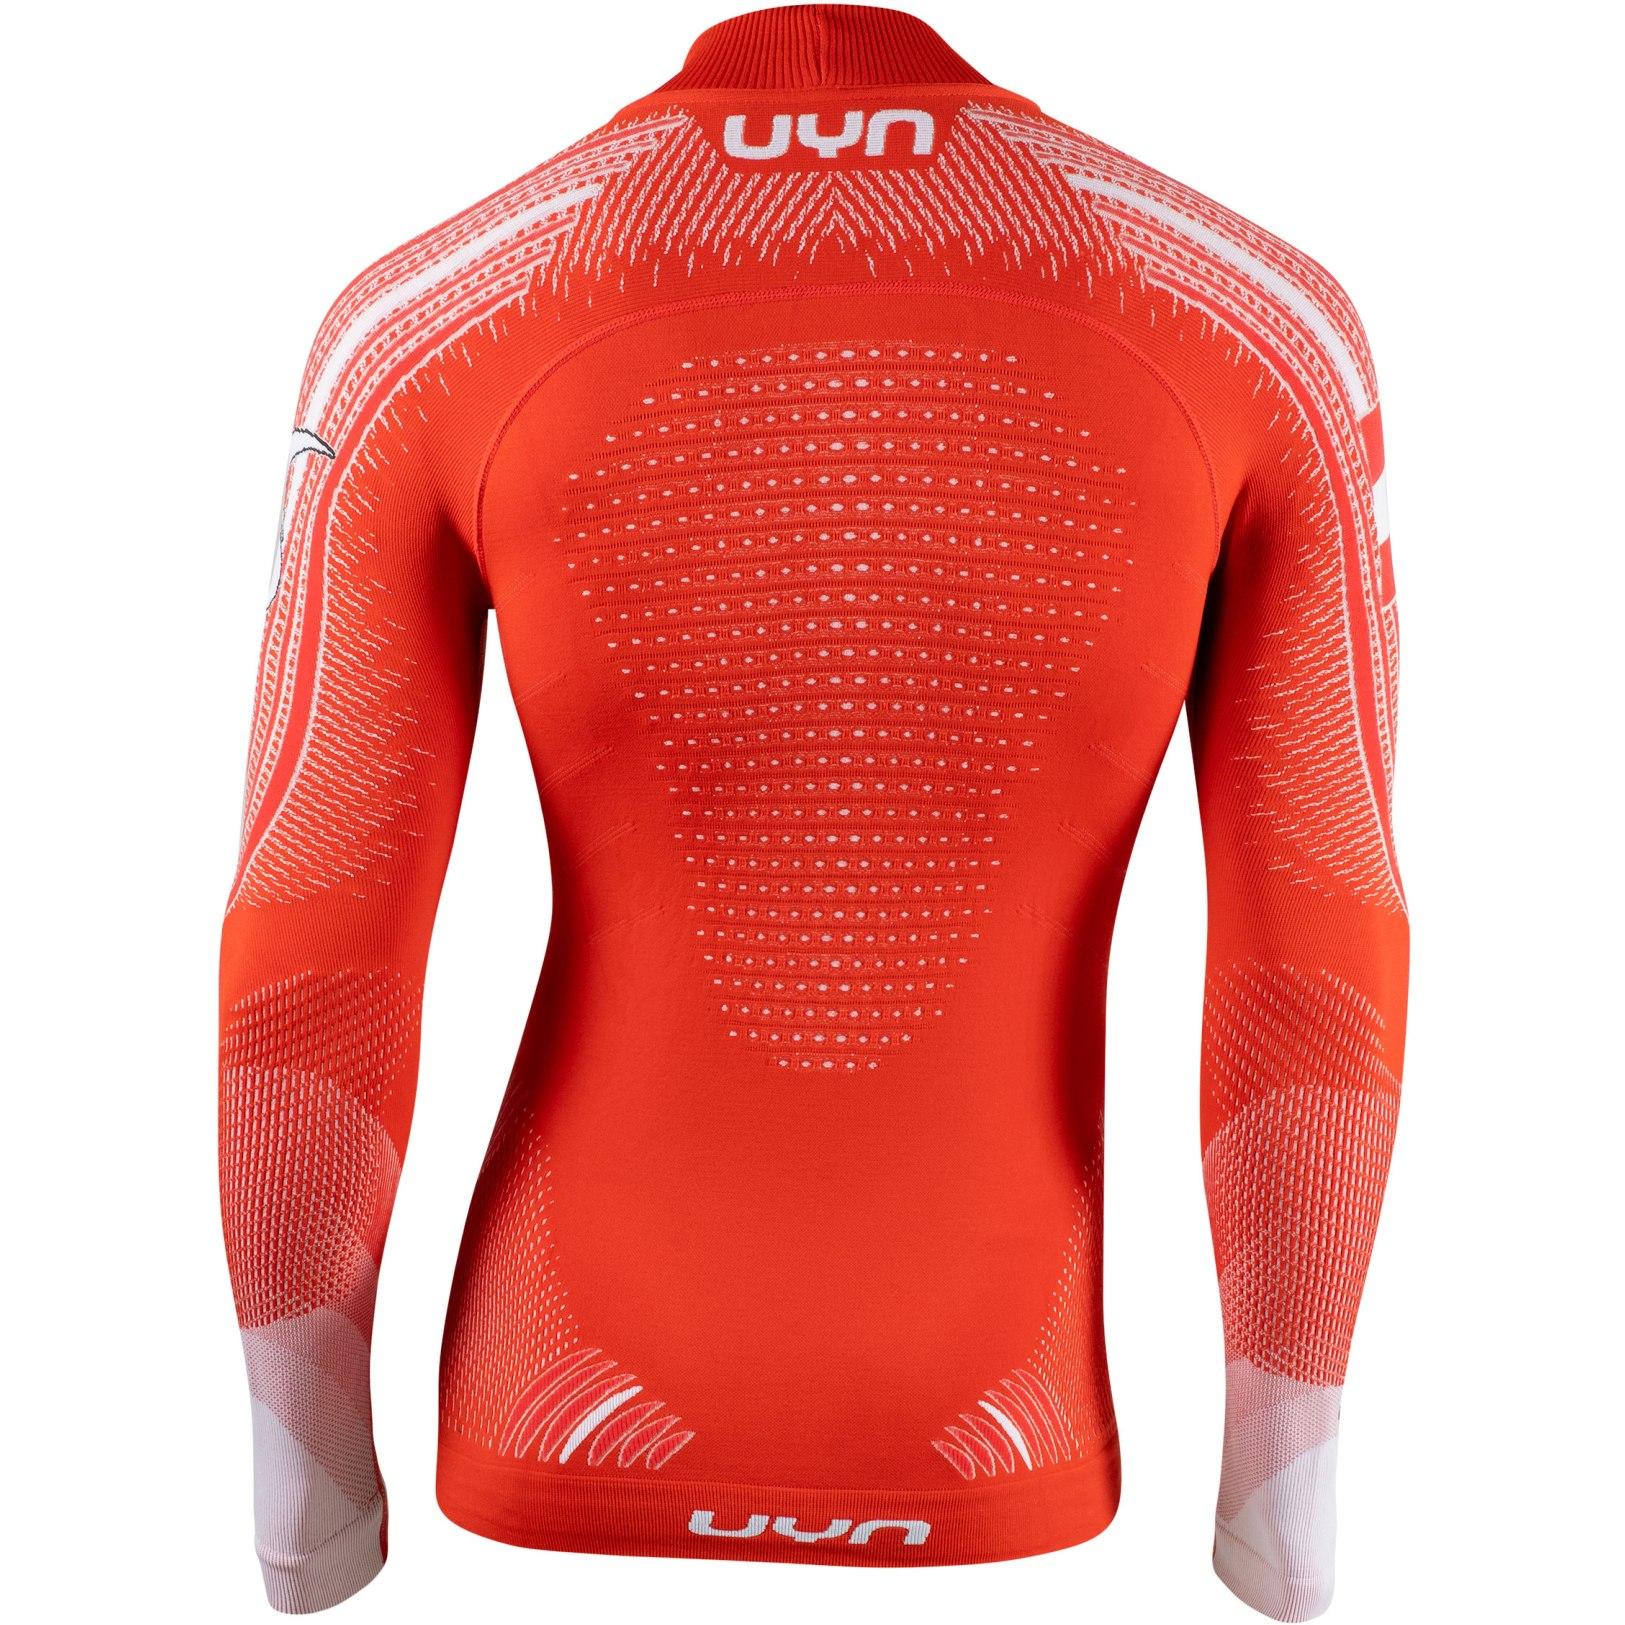 Bild von UYN Natyon 2.0 Underwear Rollkragenshirt - Austria